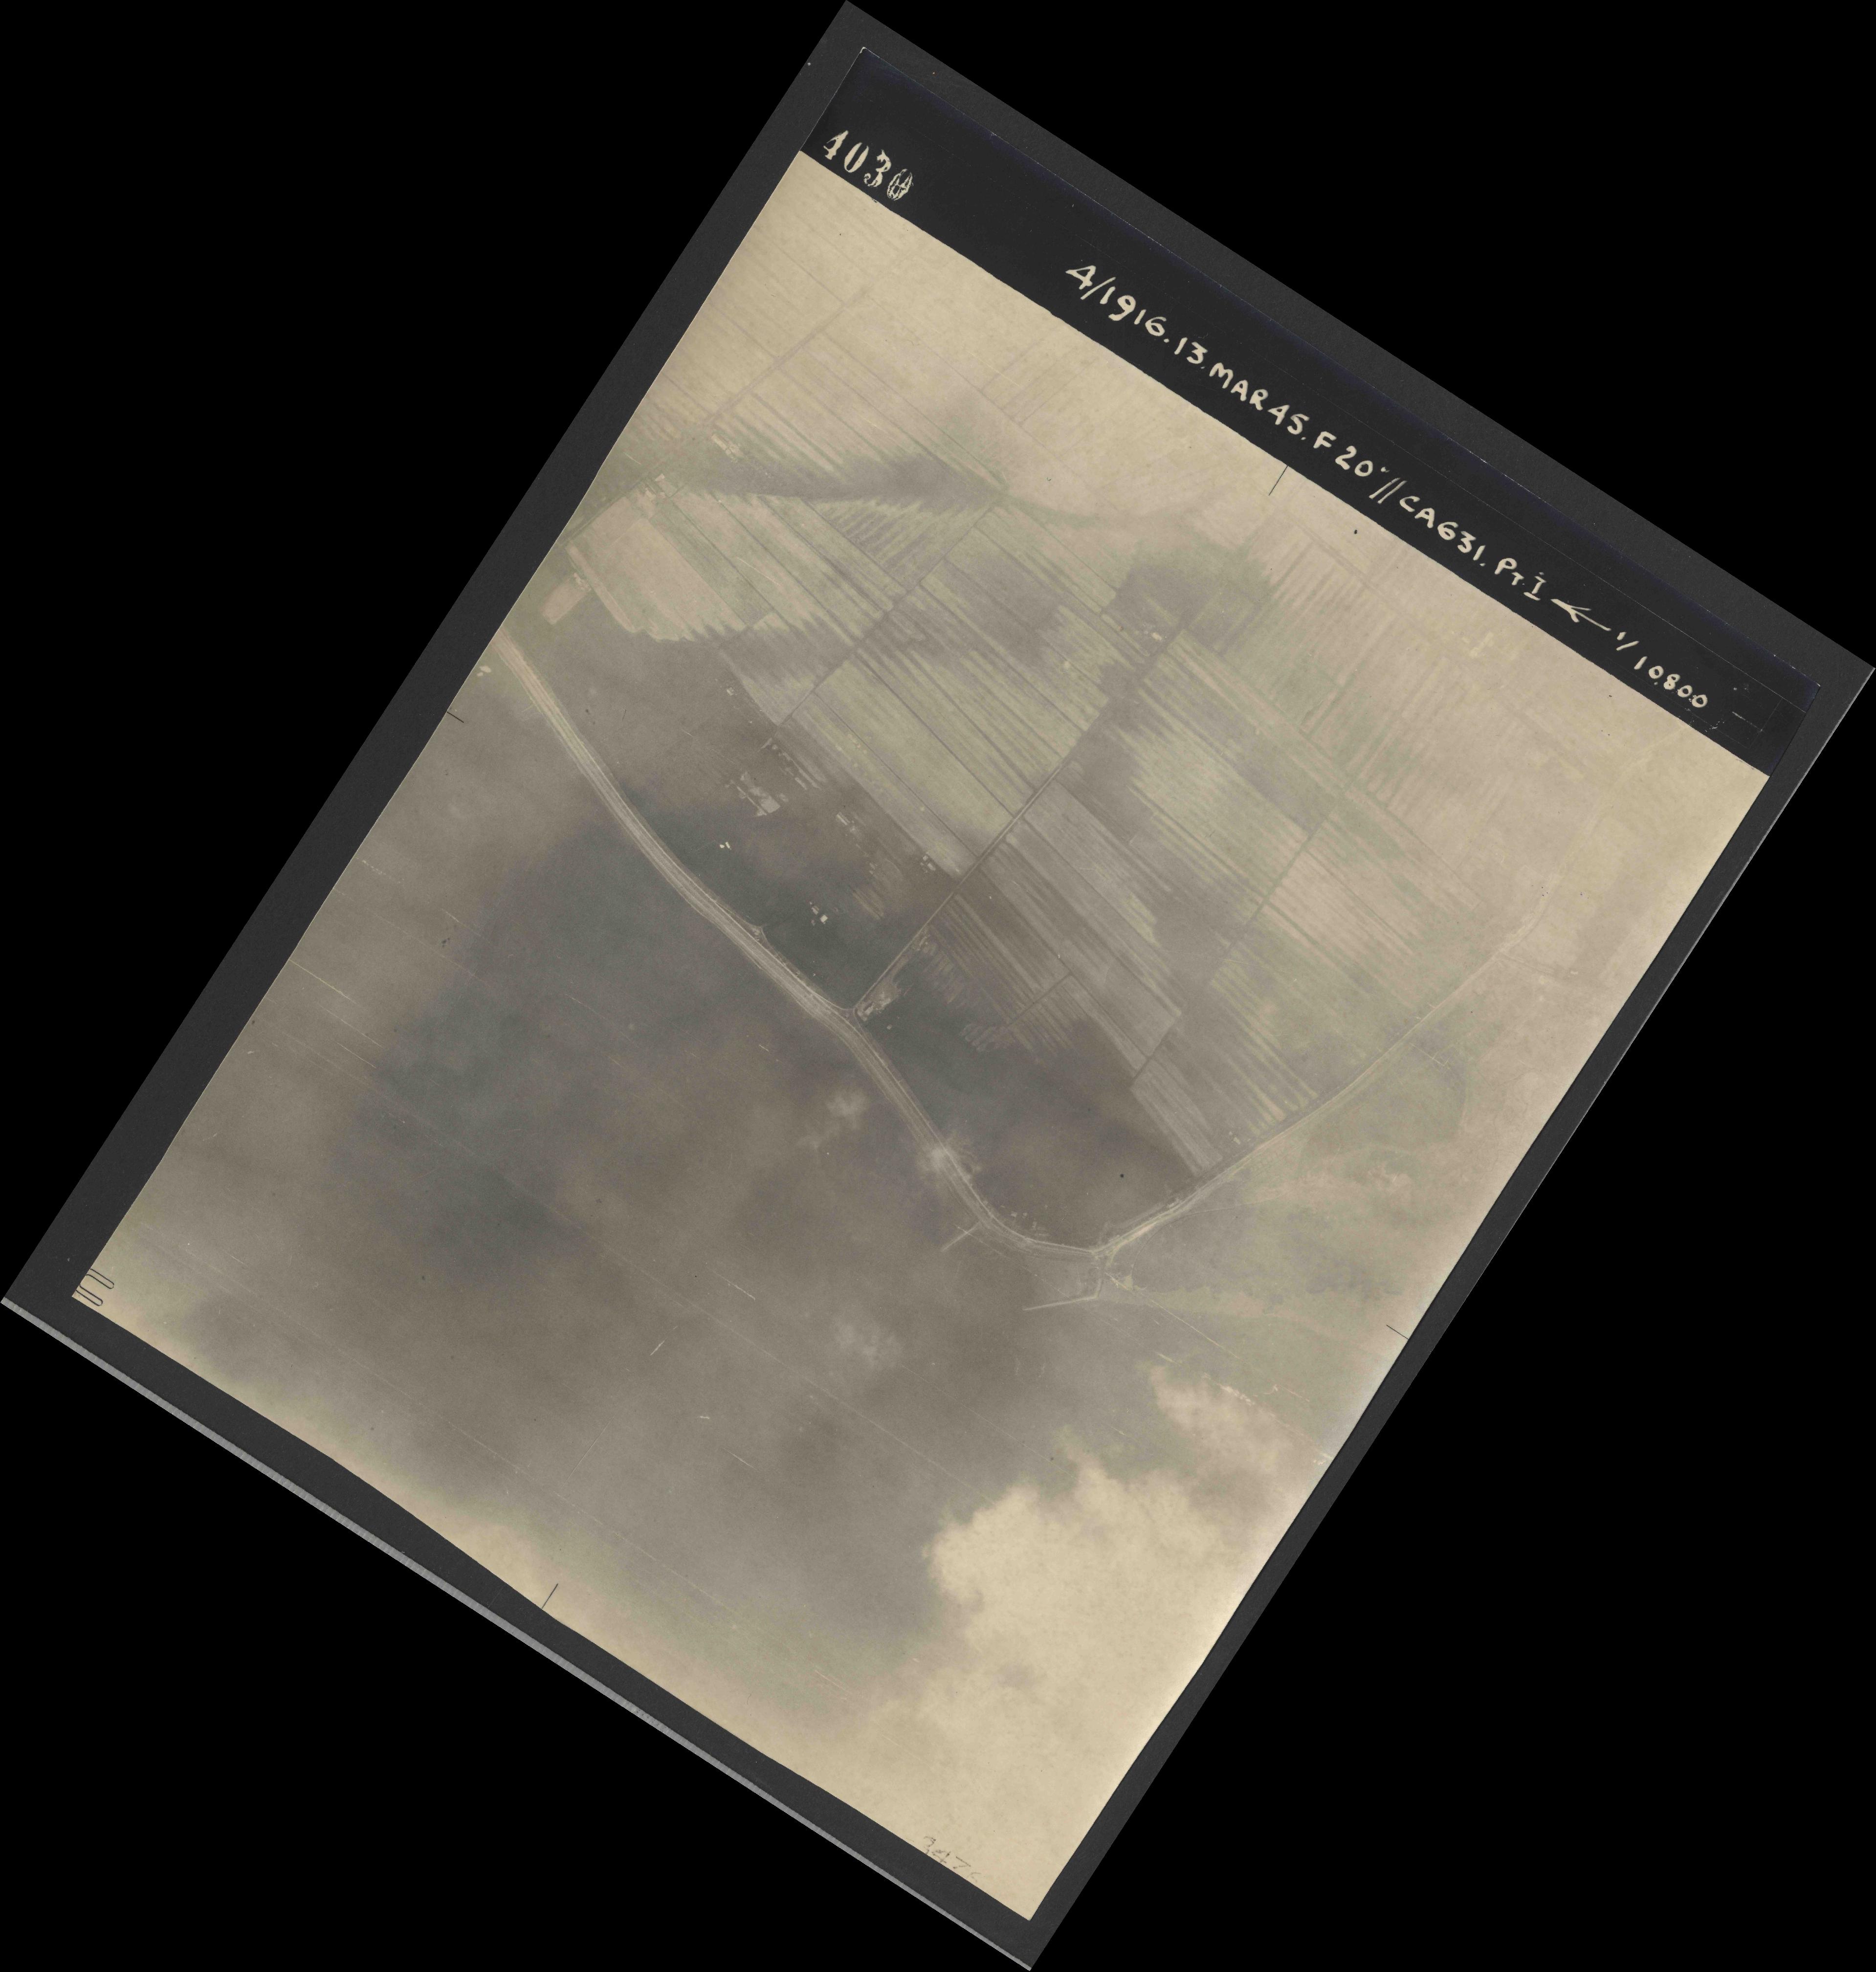 Collection RAF aerial photos 1940-1945 - flight 085, run 03, photo 4030